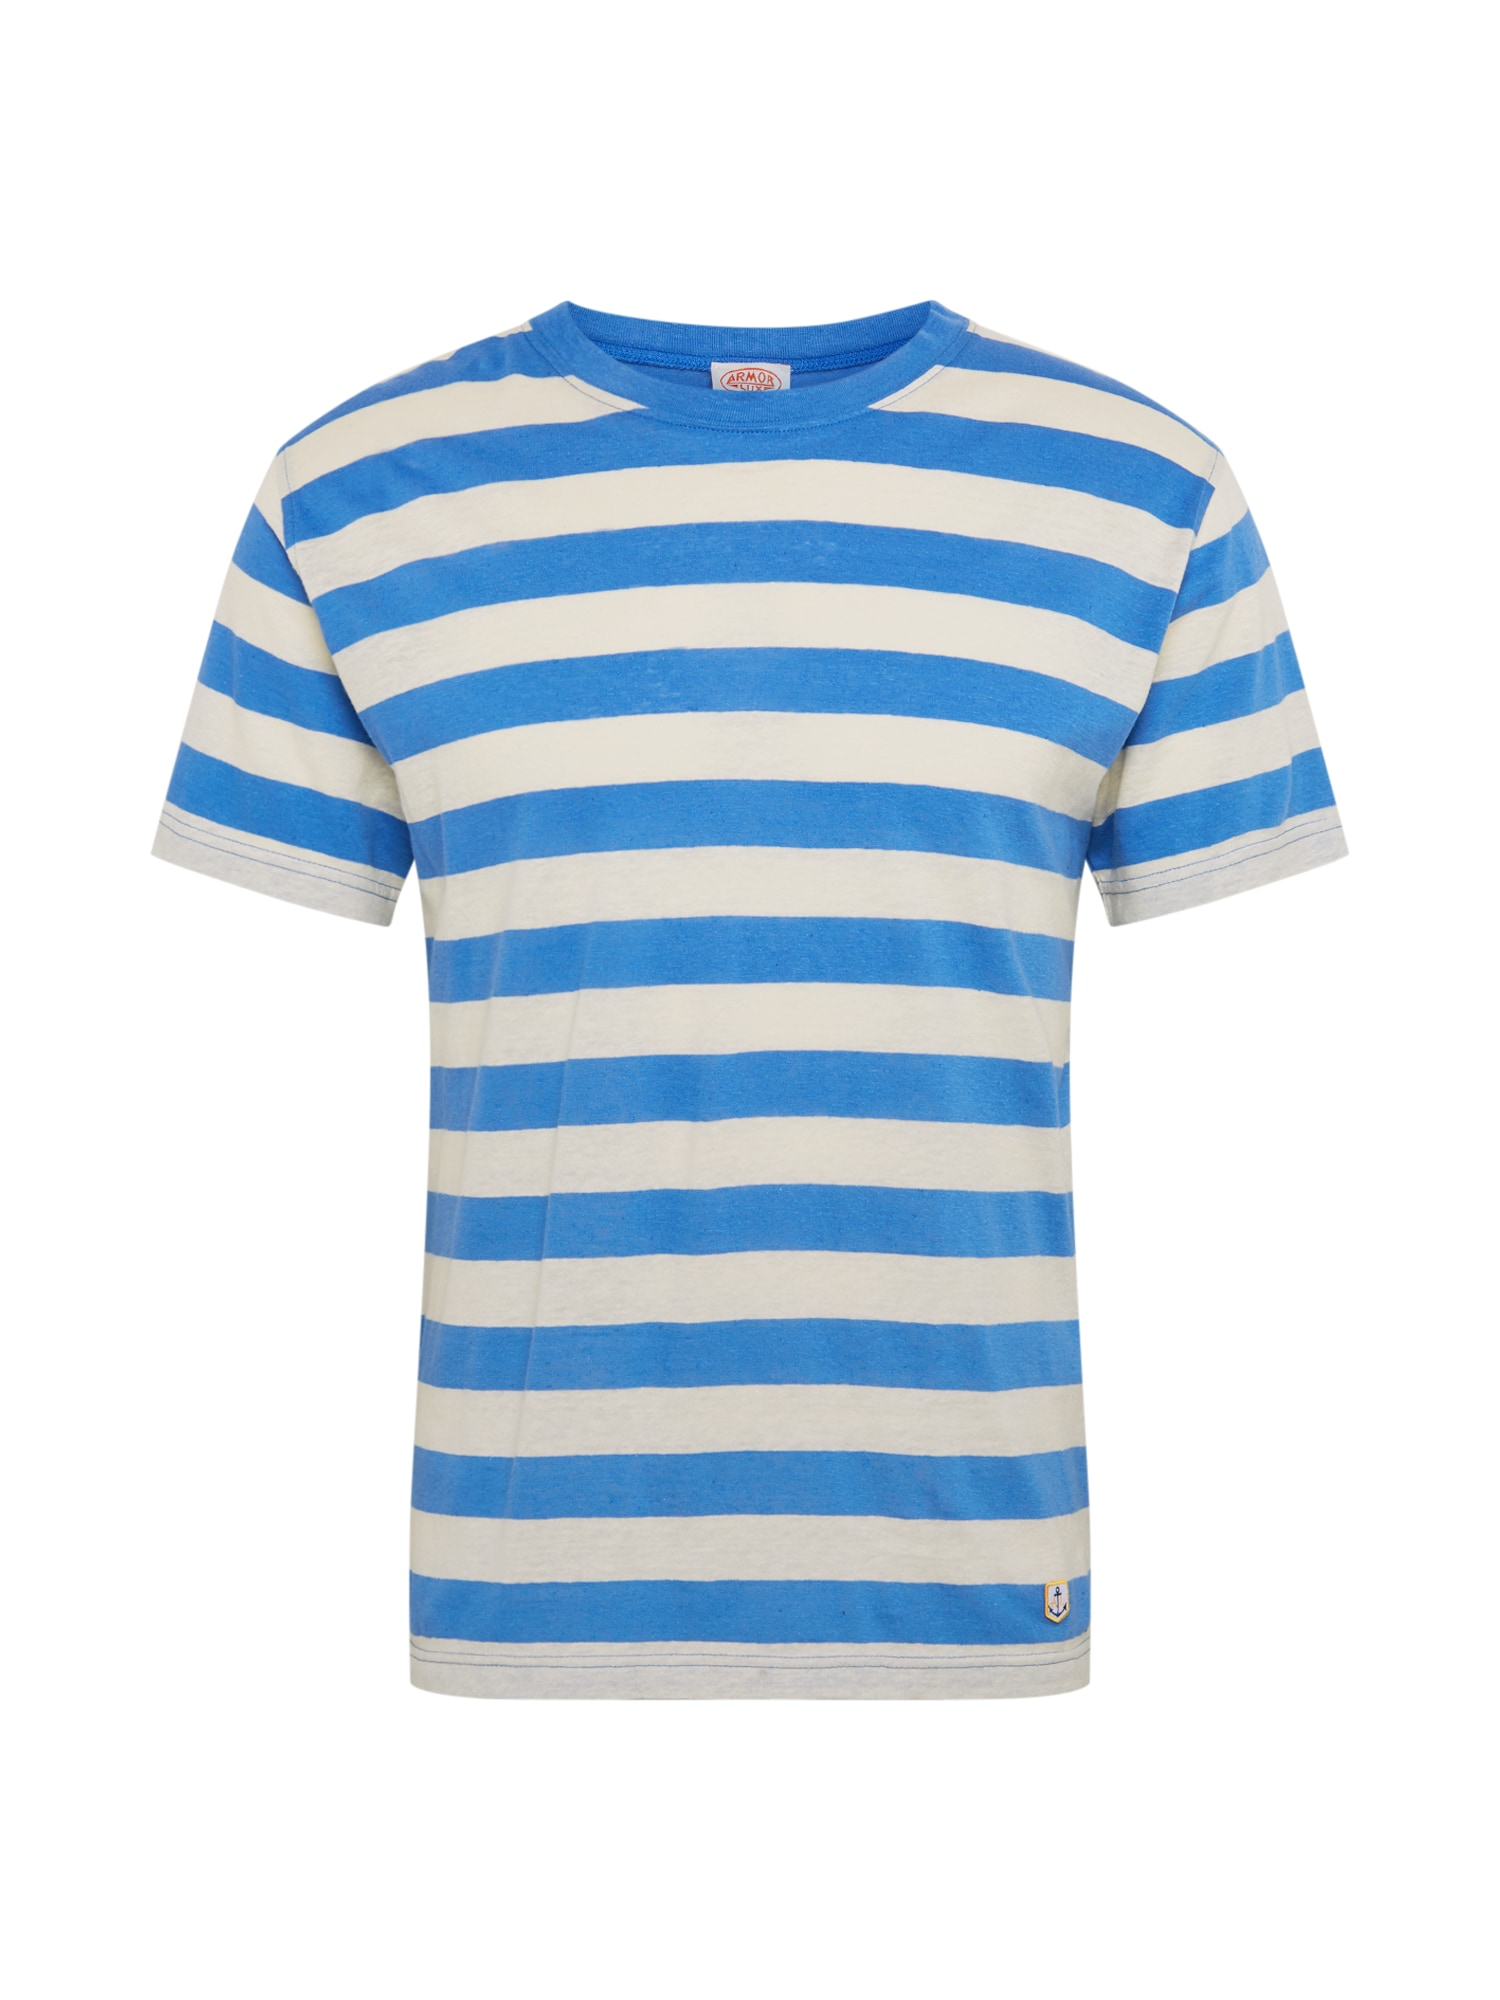 Armor Lux Marškinėliai 'Tshirt MC Rayé Héritage' natūrali balta / mėlyna